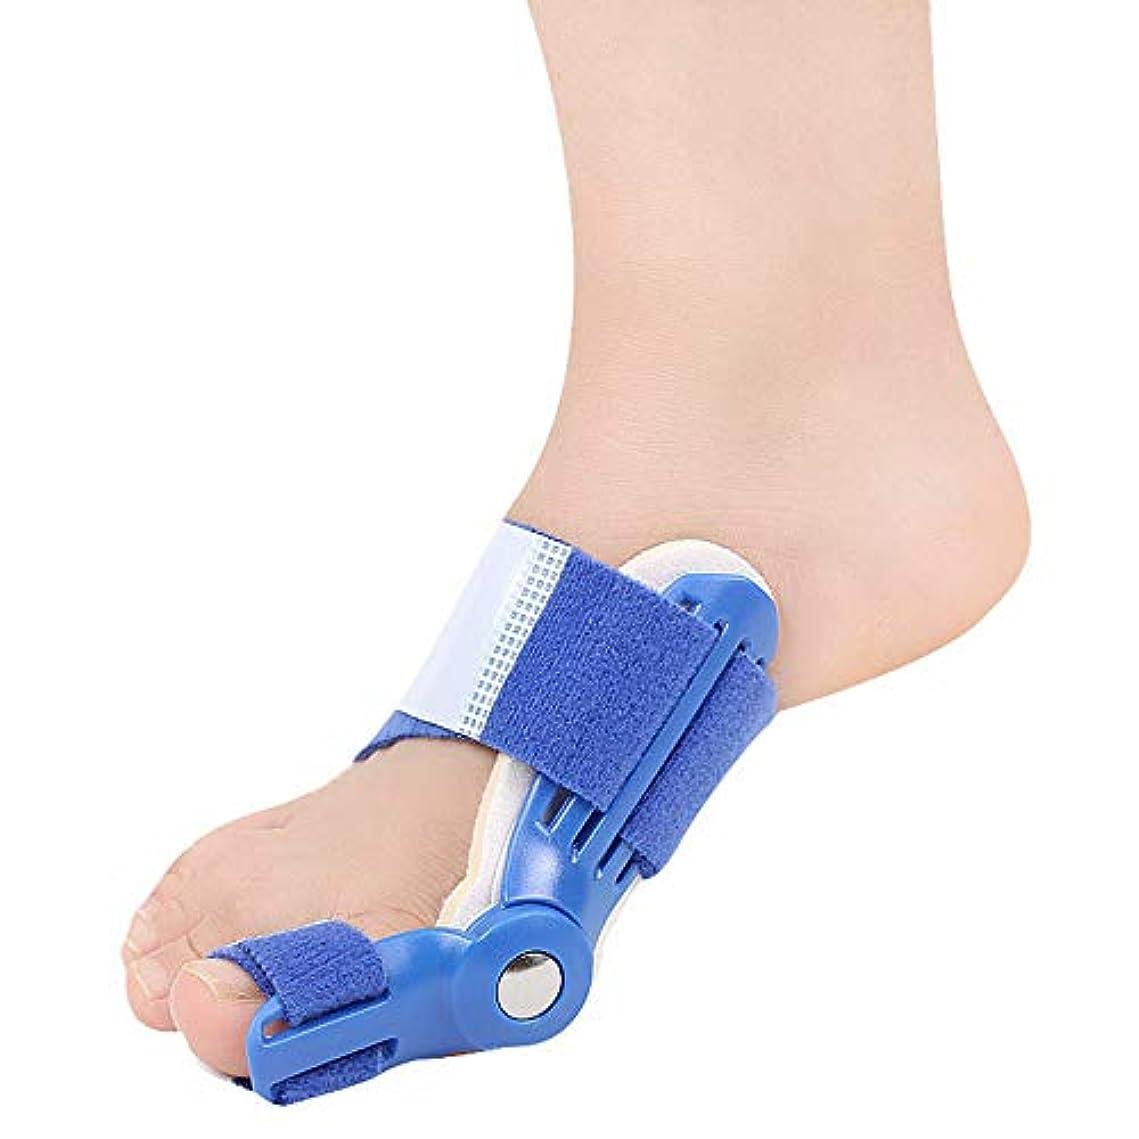 湿地絶え間ない水平つま先セパレーターは、ヨガのエクササイズ後のつま先重なりの腱板ユニバーサル左右ワンサイズ予防の痛みと変形を防ぎます,ブルー